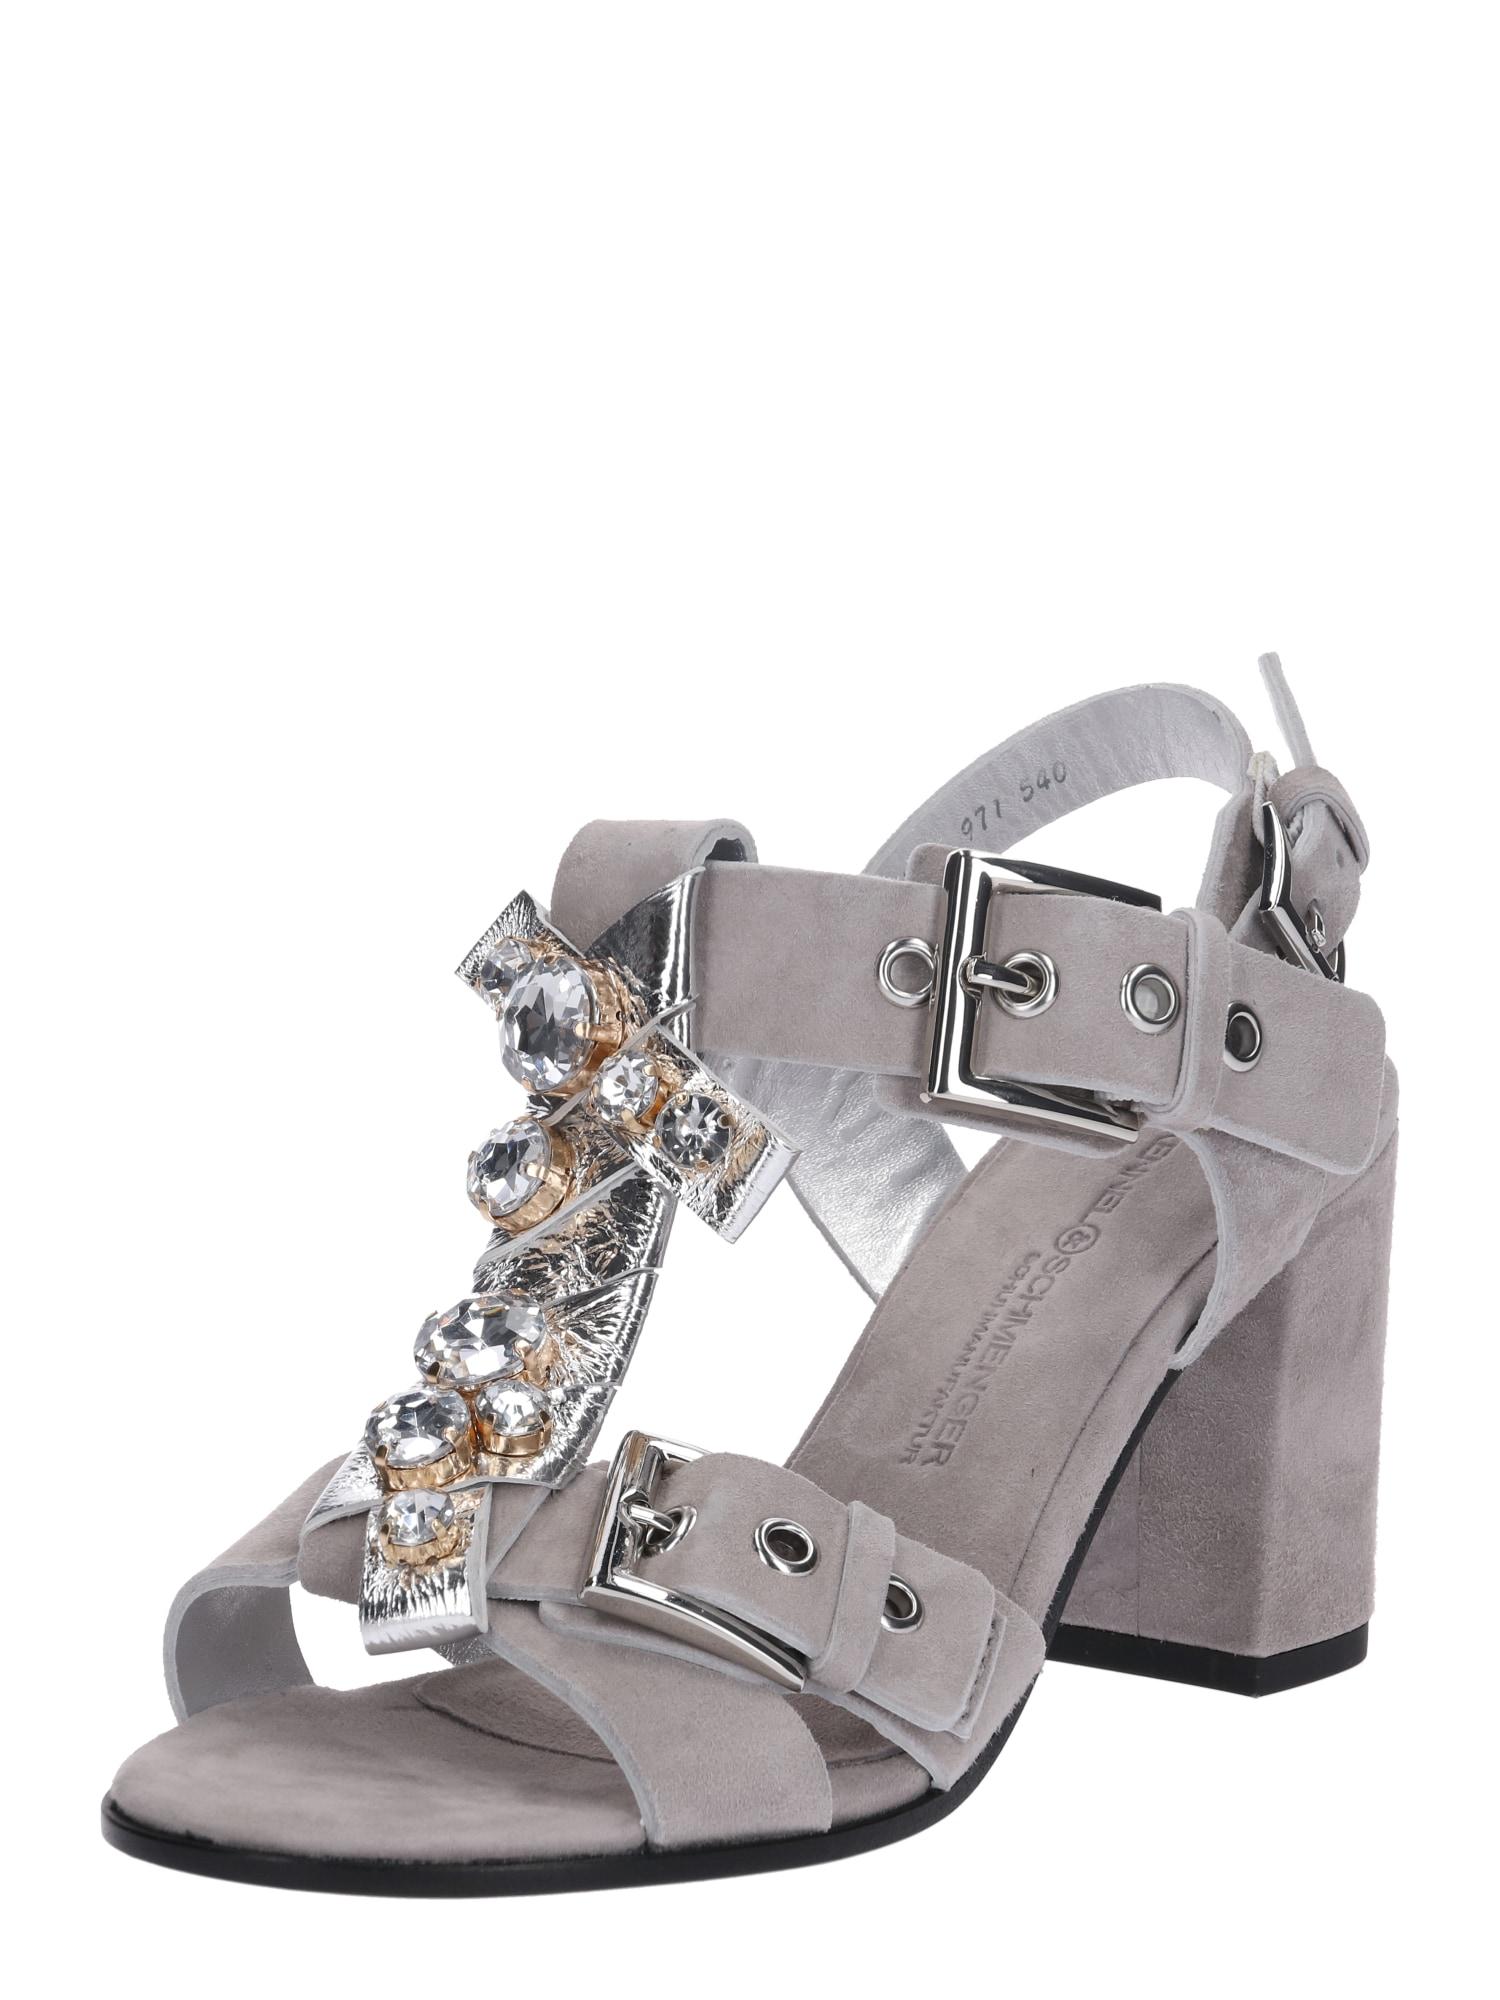 Páskové sandály Gigi stříbrně šedá offwhite Kennel & Schmenger